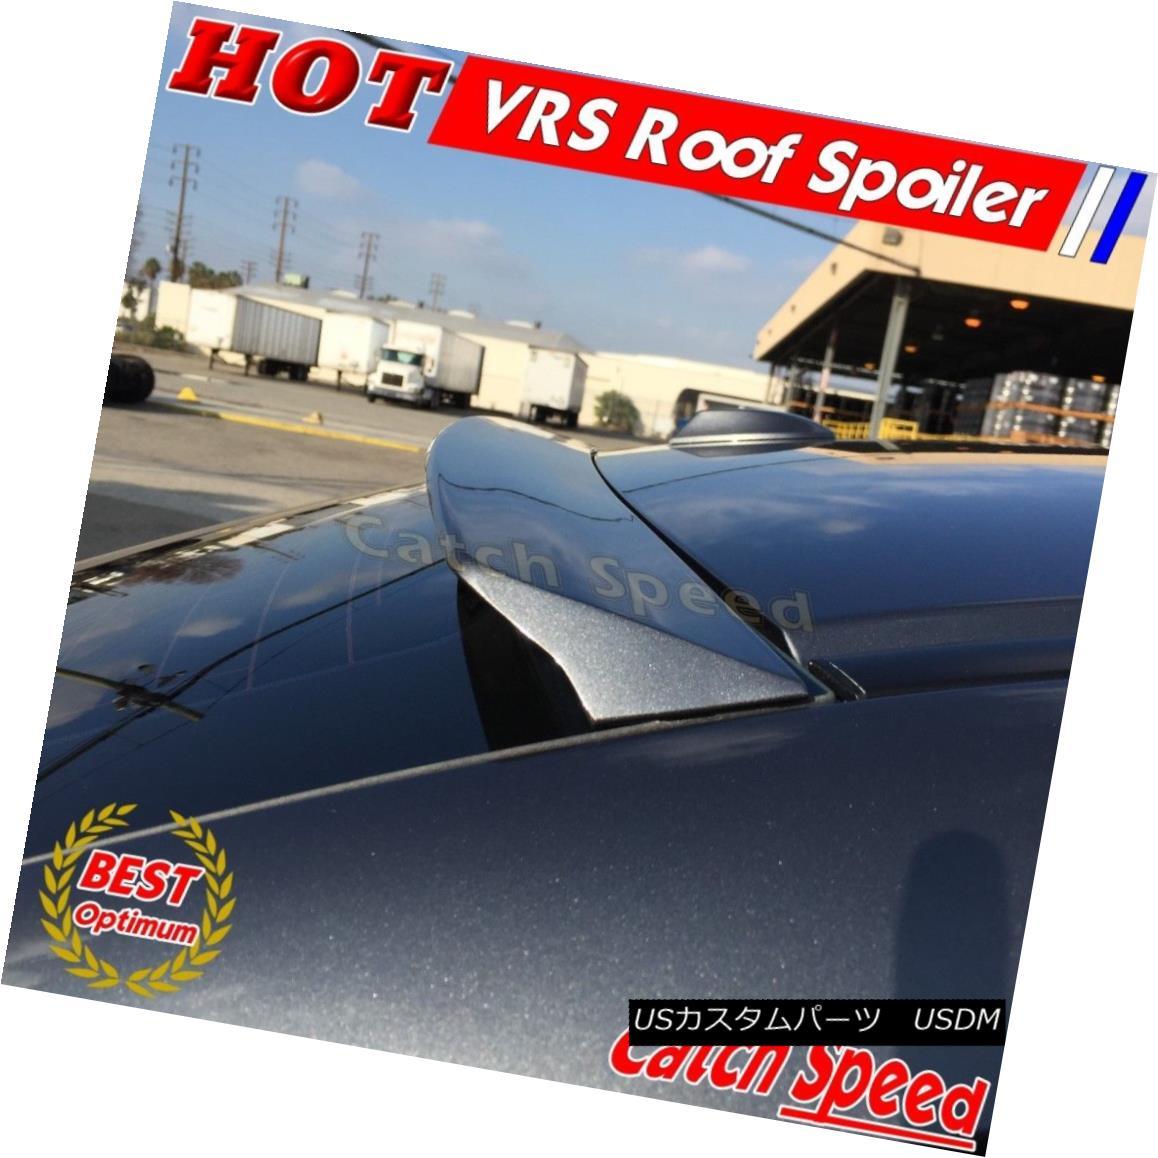 エアロパーツ Flat Black VRS Rear Window Roof Spoiler Wing For Audi A5 (8T) 2007~11 Sportback フラットブラックVRSリアウィンドウルーフスポイラーウイング(Audi A5用)(8T)2007?11 Sportback